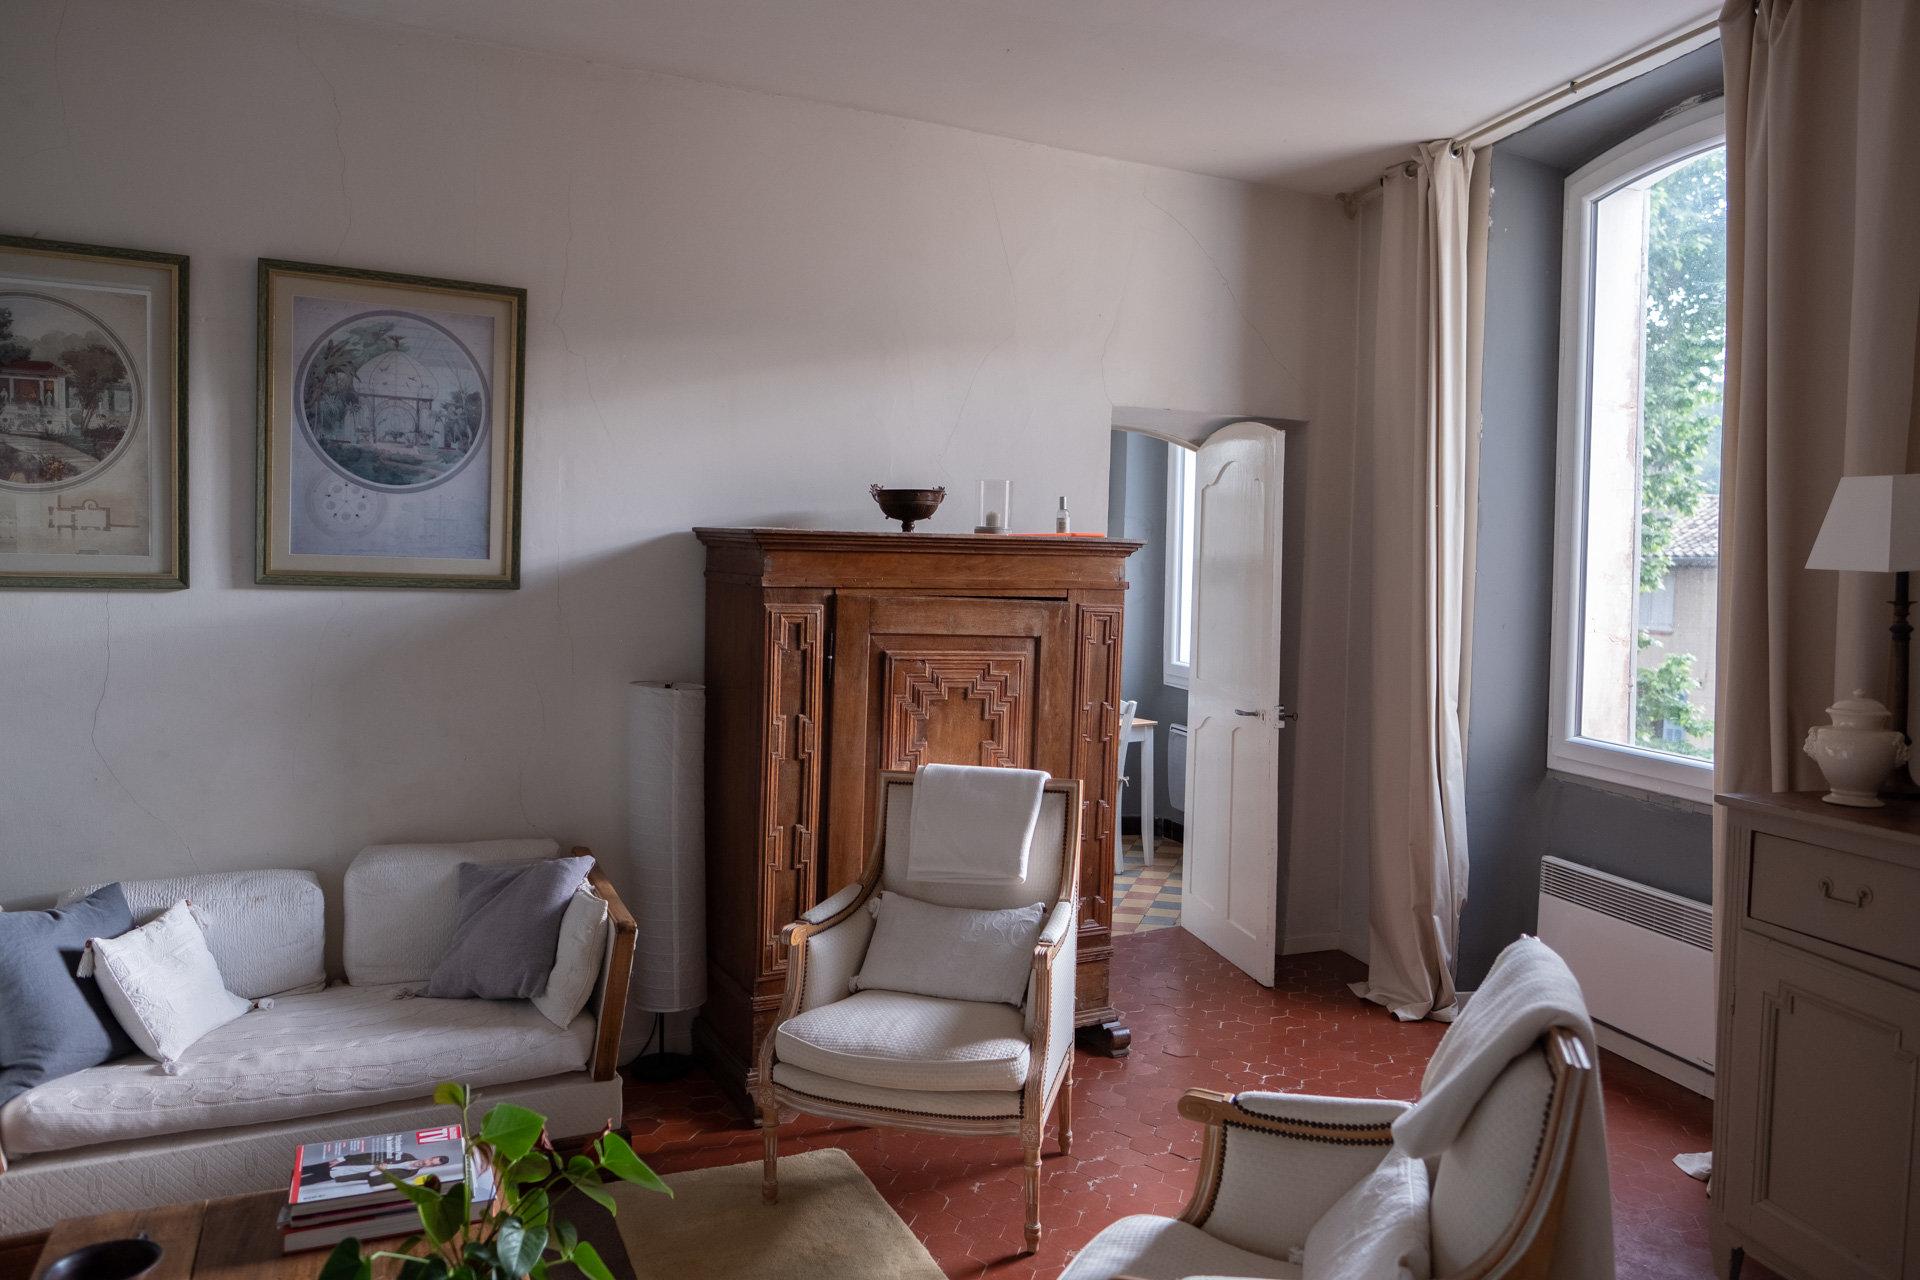 Maison d'hôtes bourgeoise, rare et exceptionnelle !